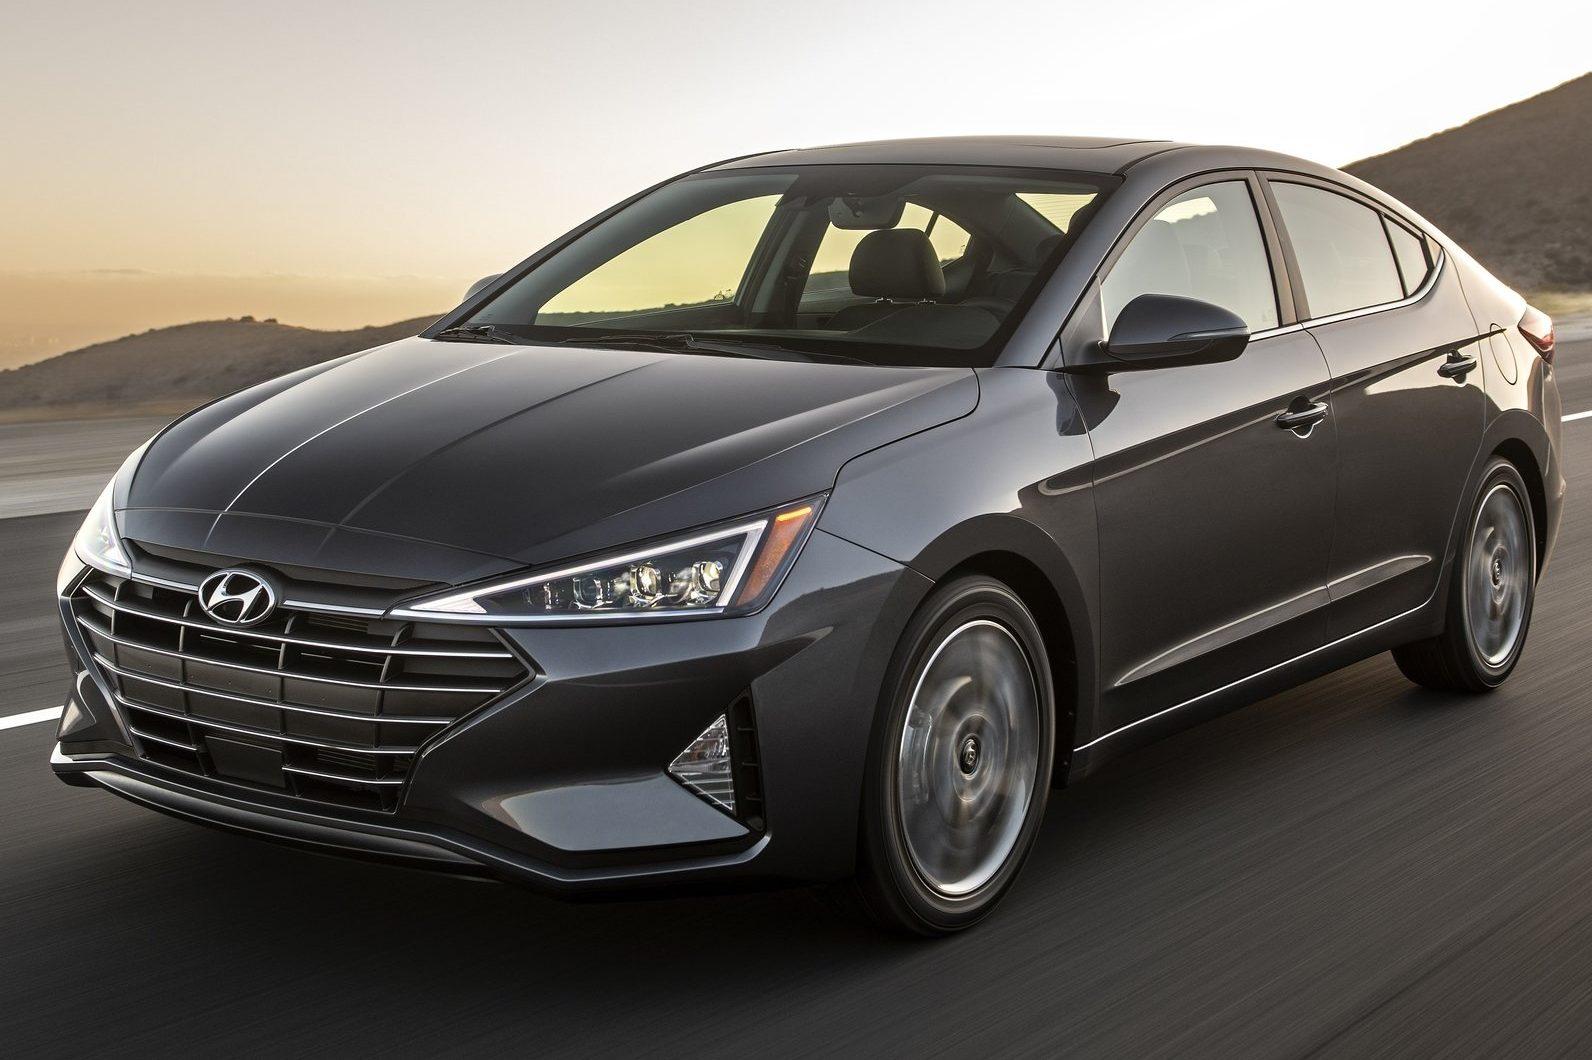 A nova geração do sedã Elantra é a fonte de inspiração da Hyundai